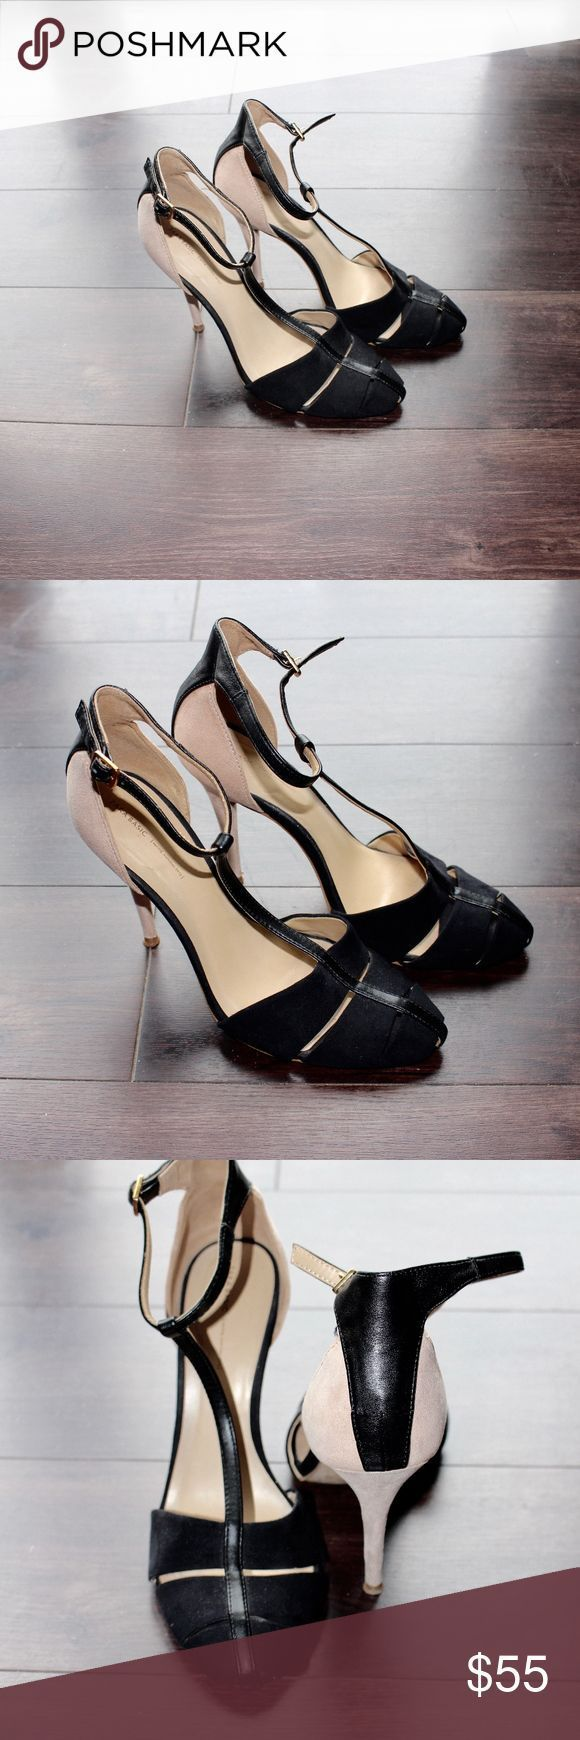 Tendance salopette 2017  Zara T-strap Heel Beautiful two tone t-strap Zara heel in black and beige. Very